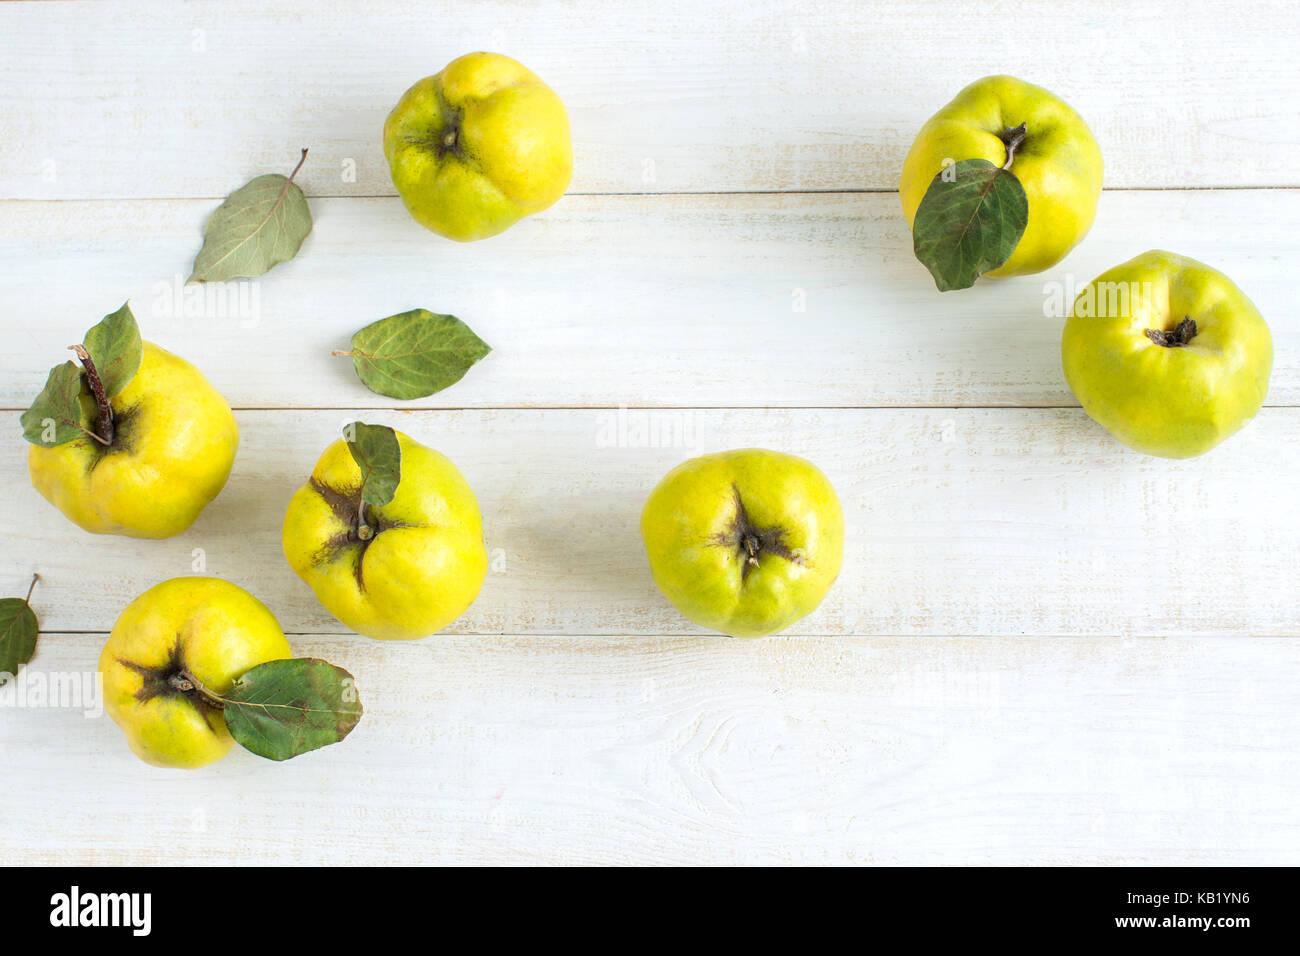 Gesunde Lebensweise, Ernährung, Behandlung Konzept. Blick von oben auf die Zitrone gelbe Früchte von Quitte Stockbild